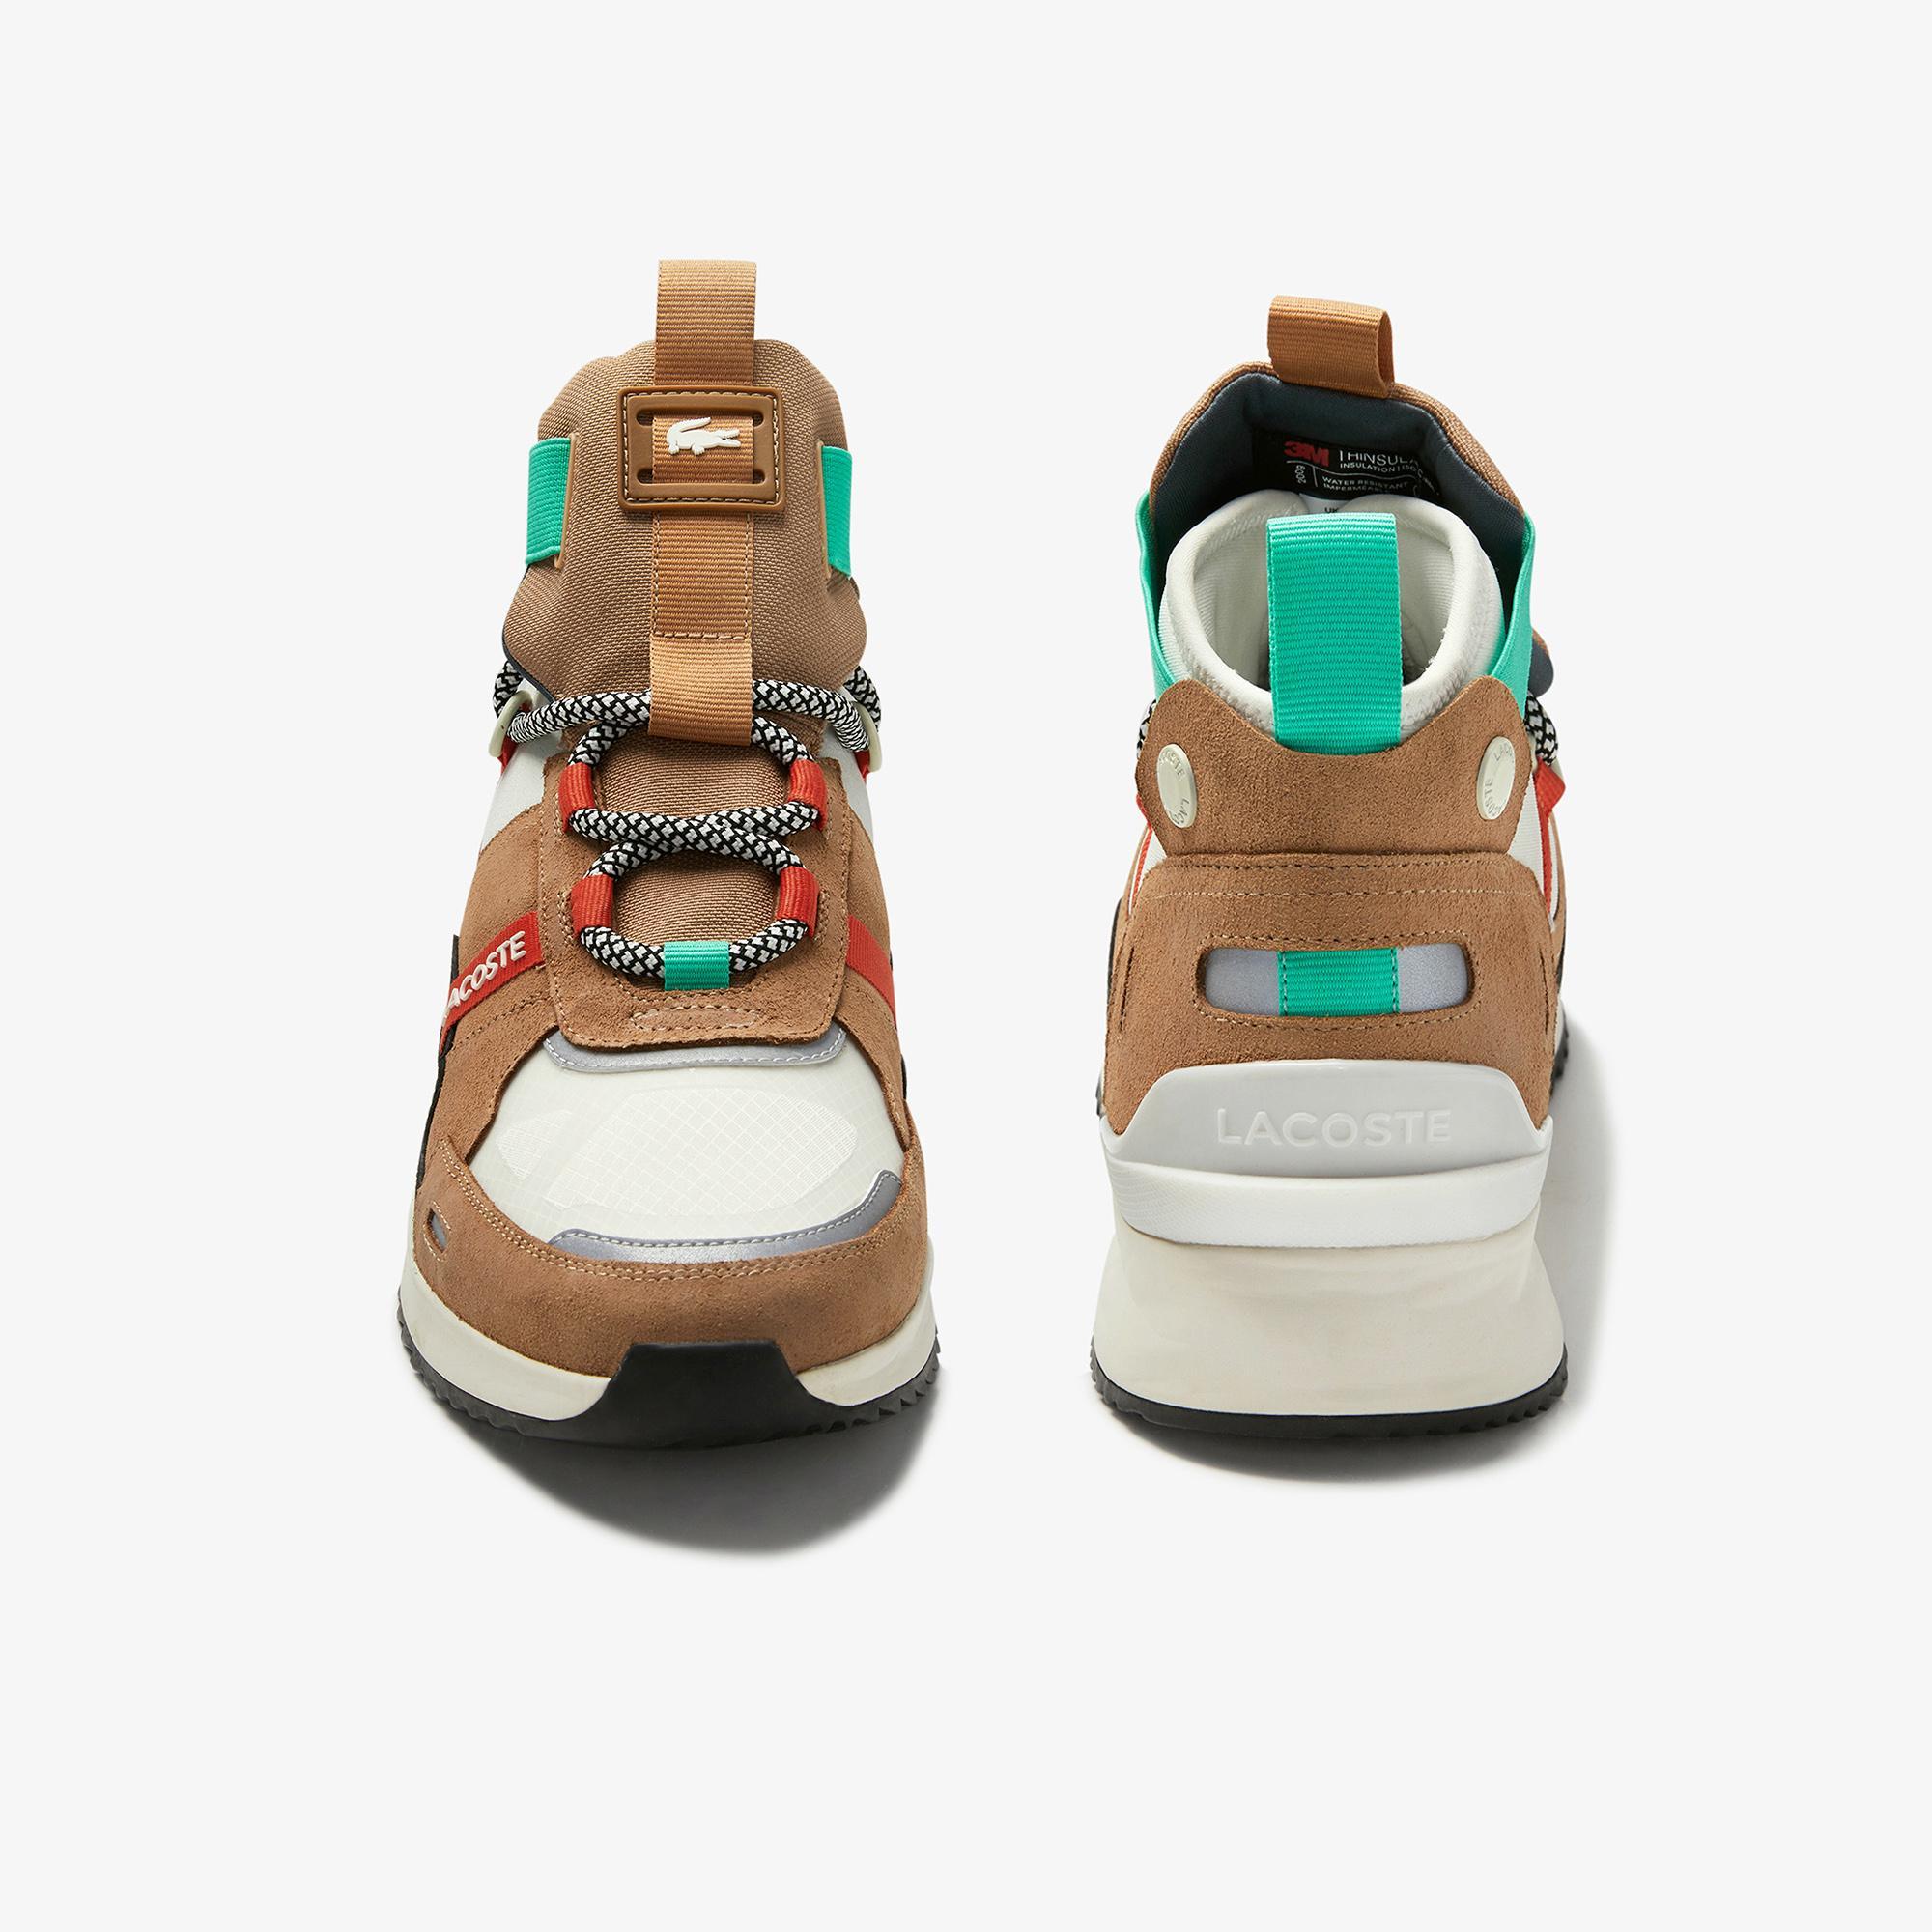 Lacoste Run Breaker 0320 1 Sfa Kadın Açık Kahverengi Bot